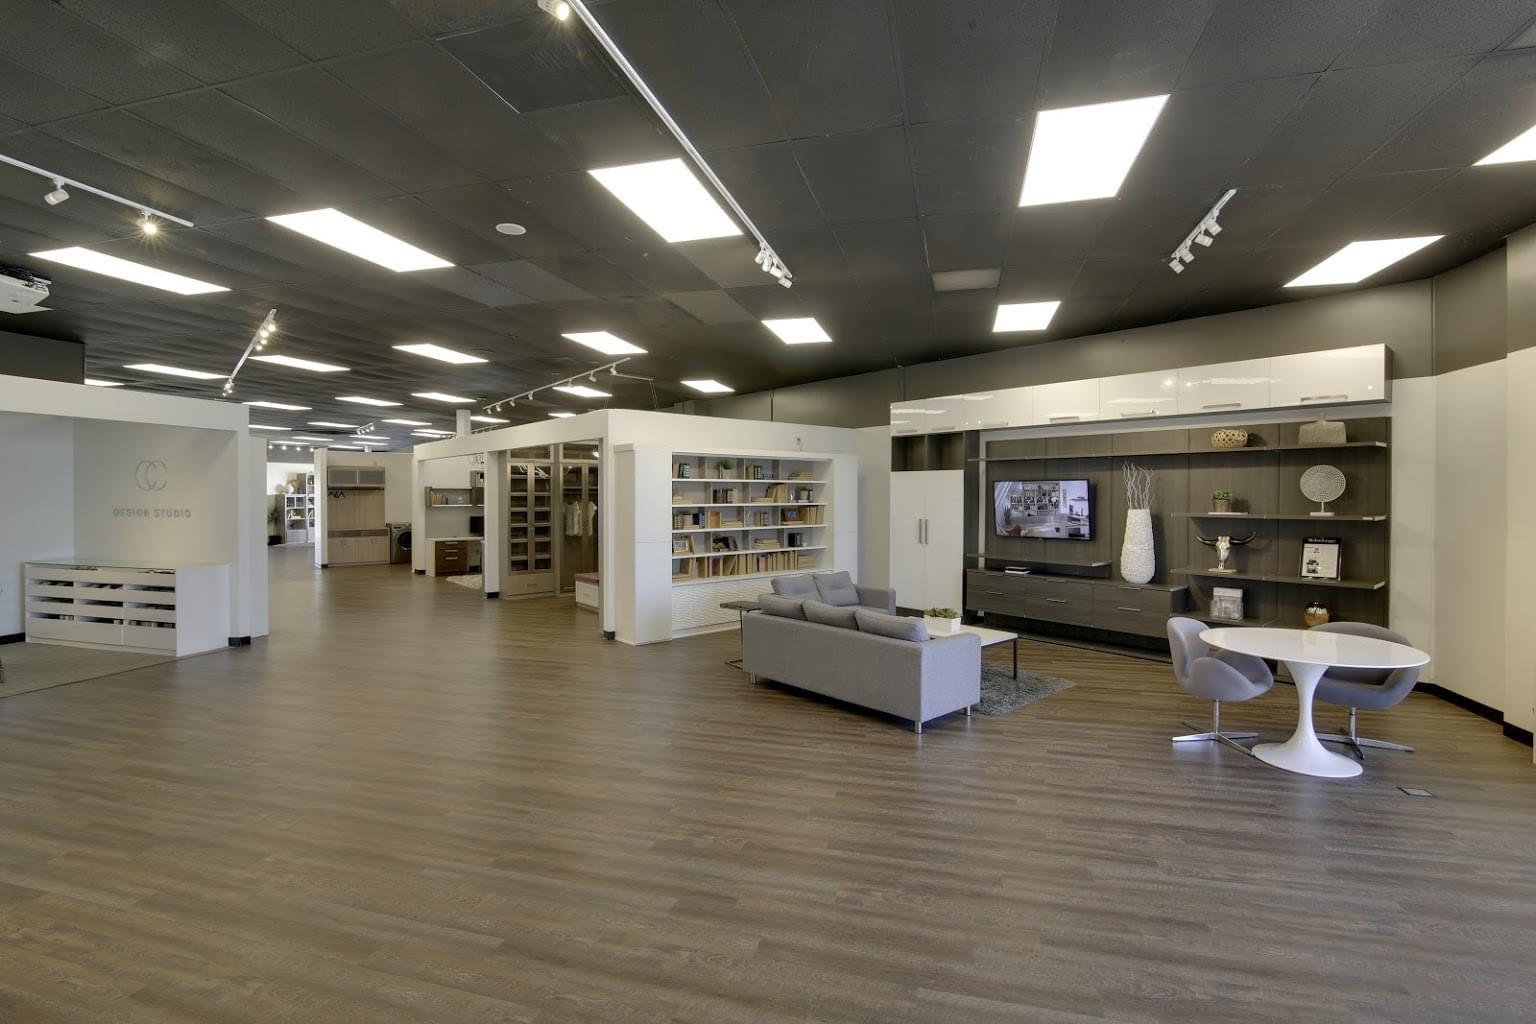 California closets interior designer in san diego ca - San diego interior design center ...